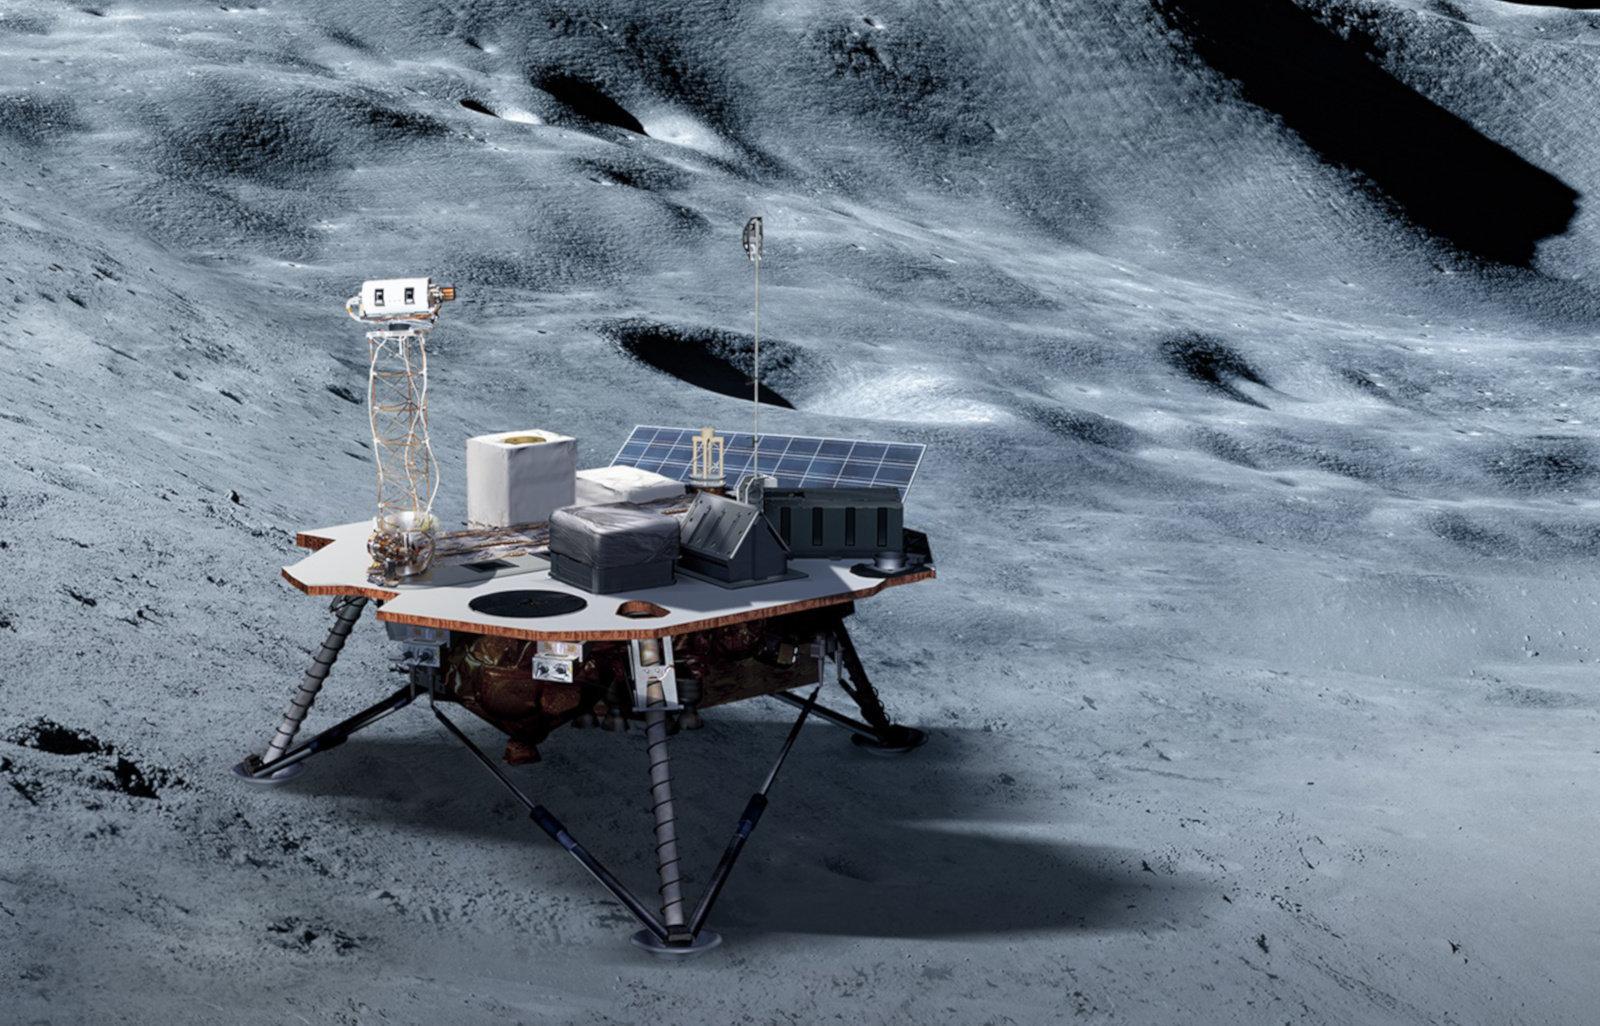 بازگشت به ماه ناسا